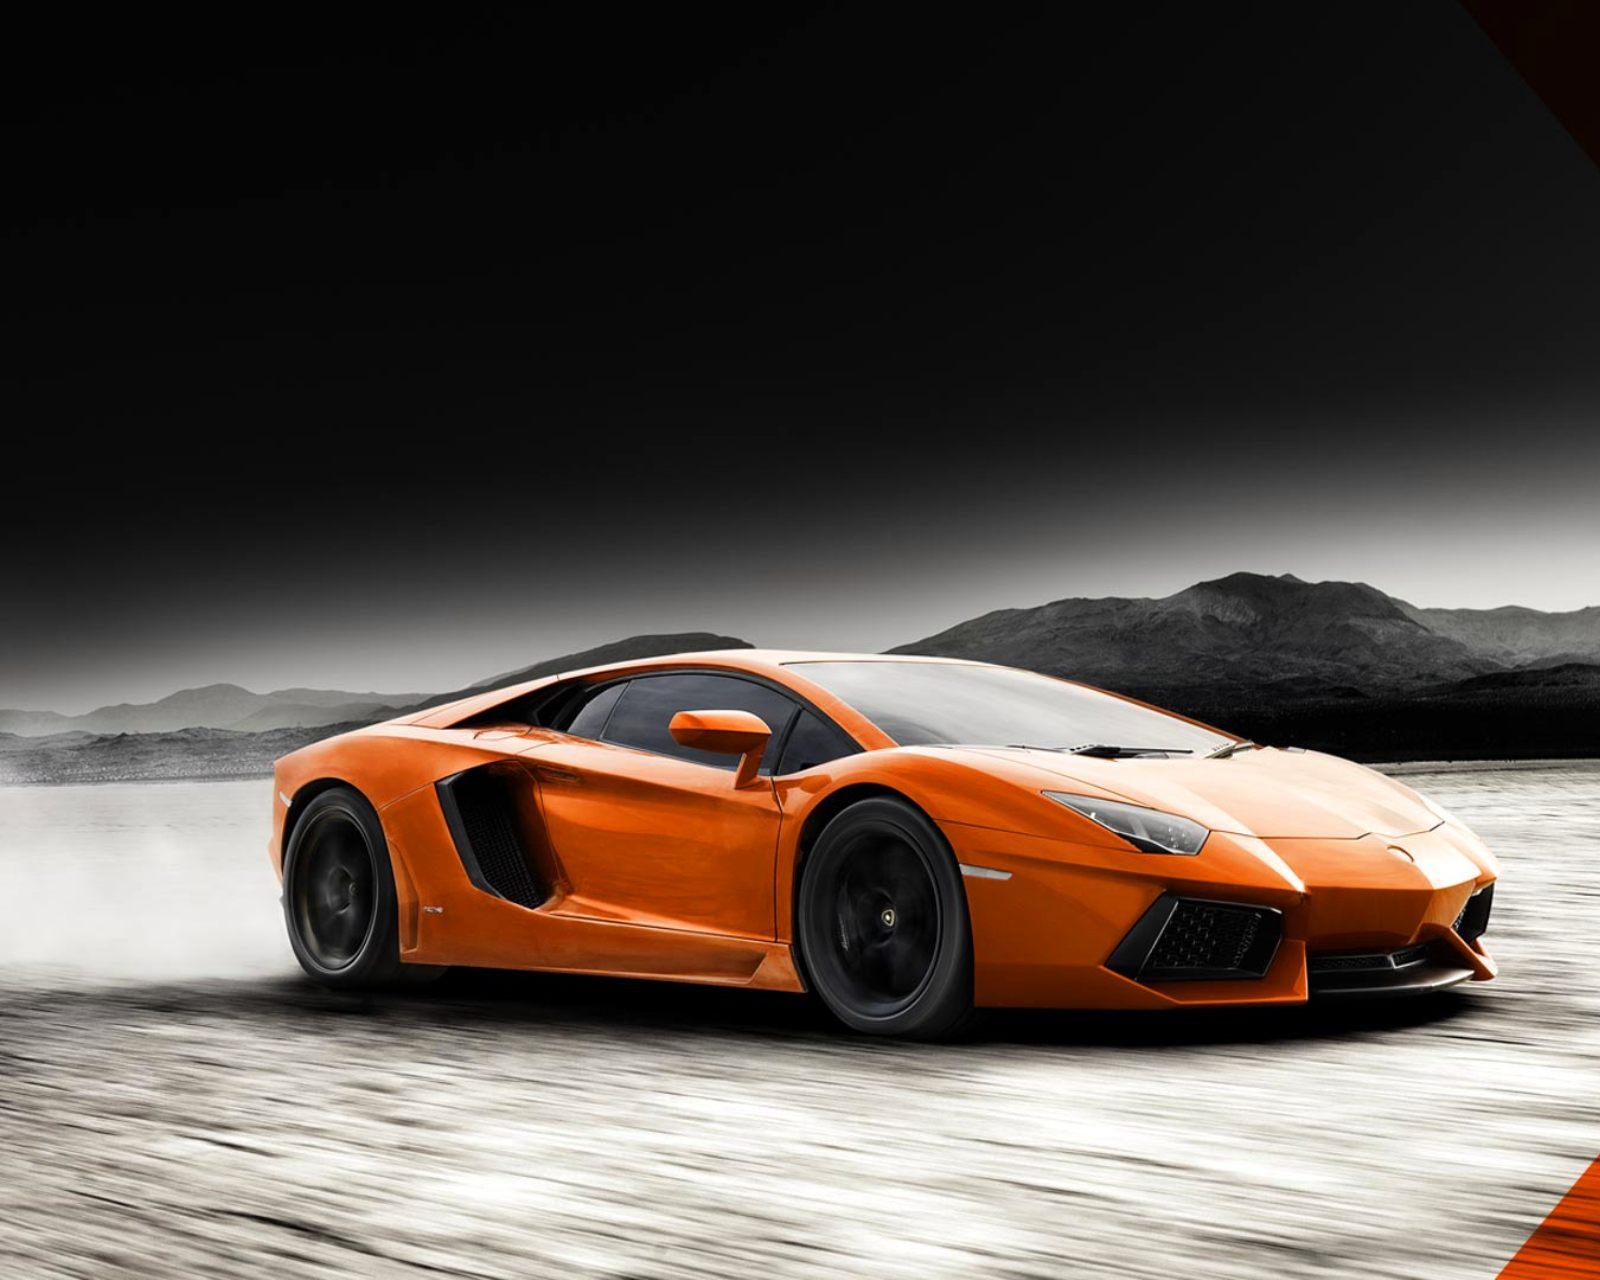 Lamborghini Aventador LP700 4 1600x1280 wallpaper1600X1280 wallpaper 1600x1280